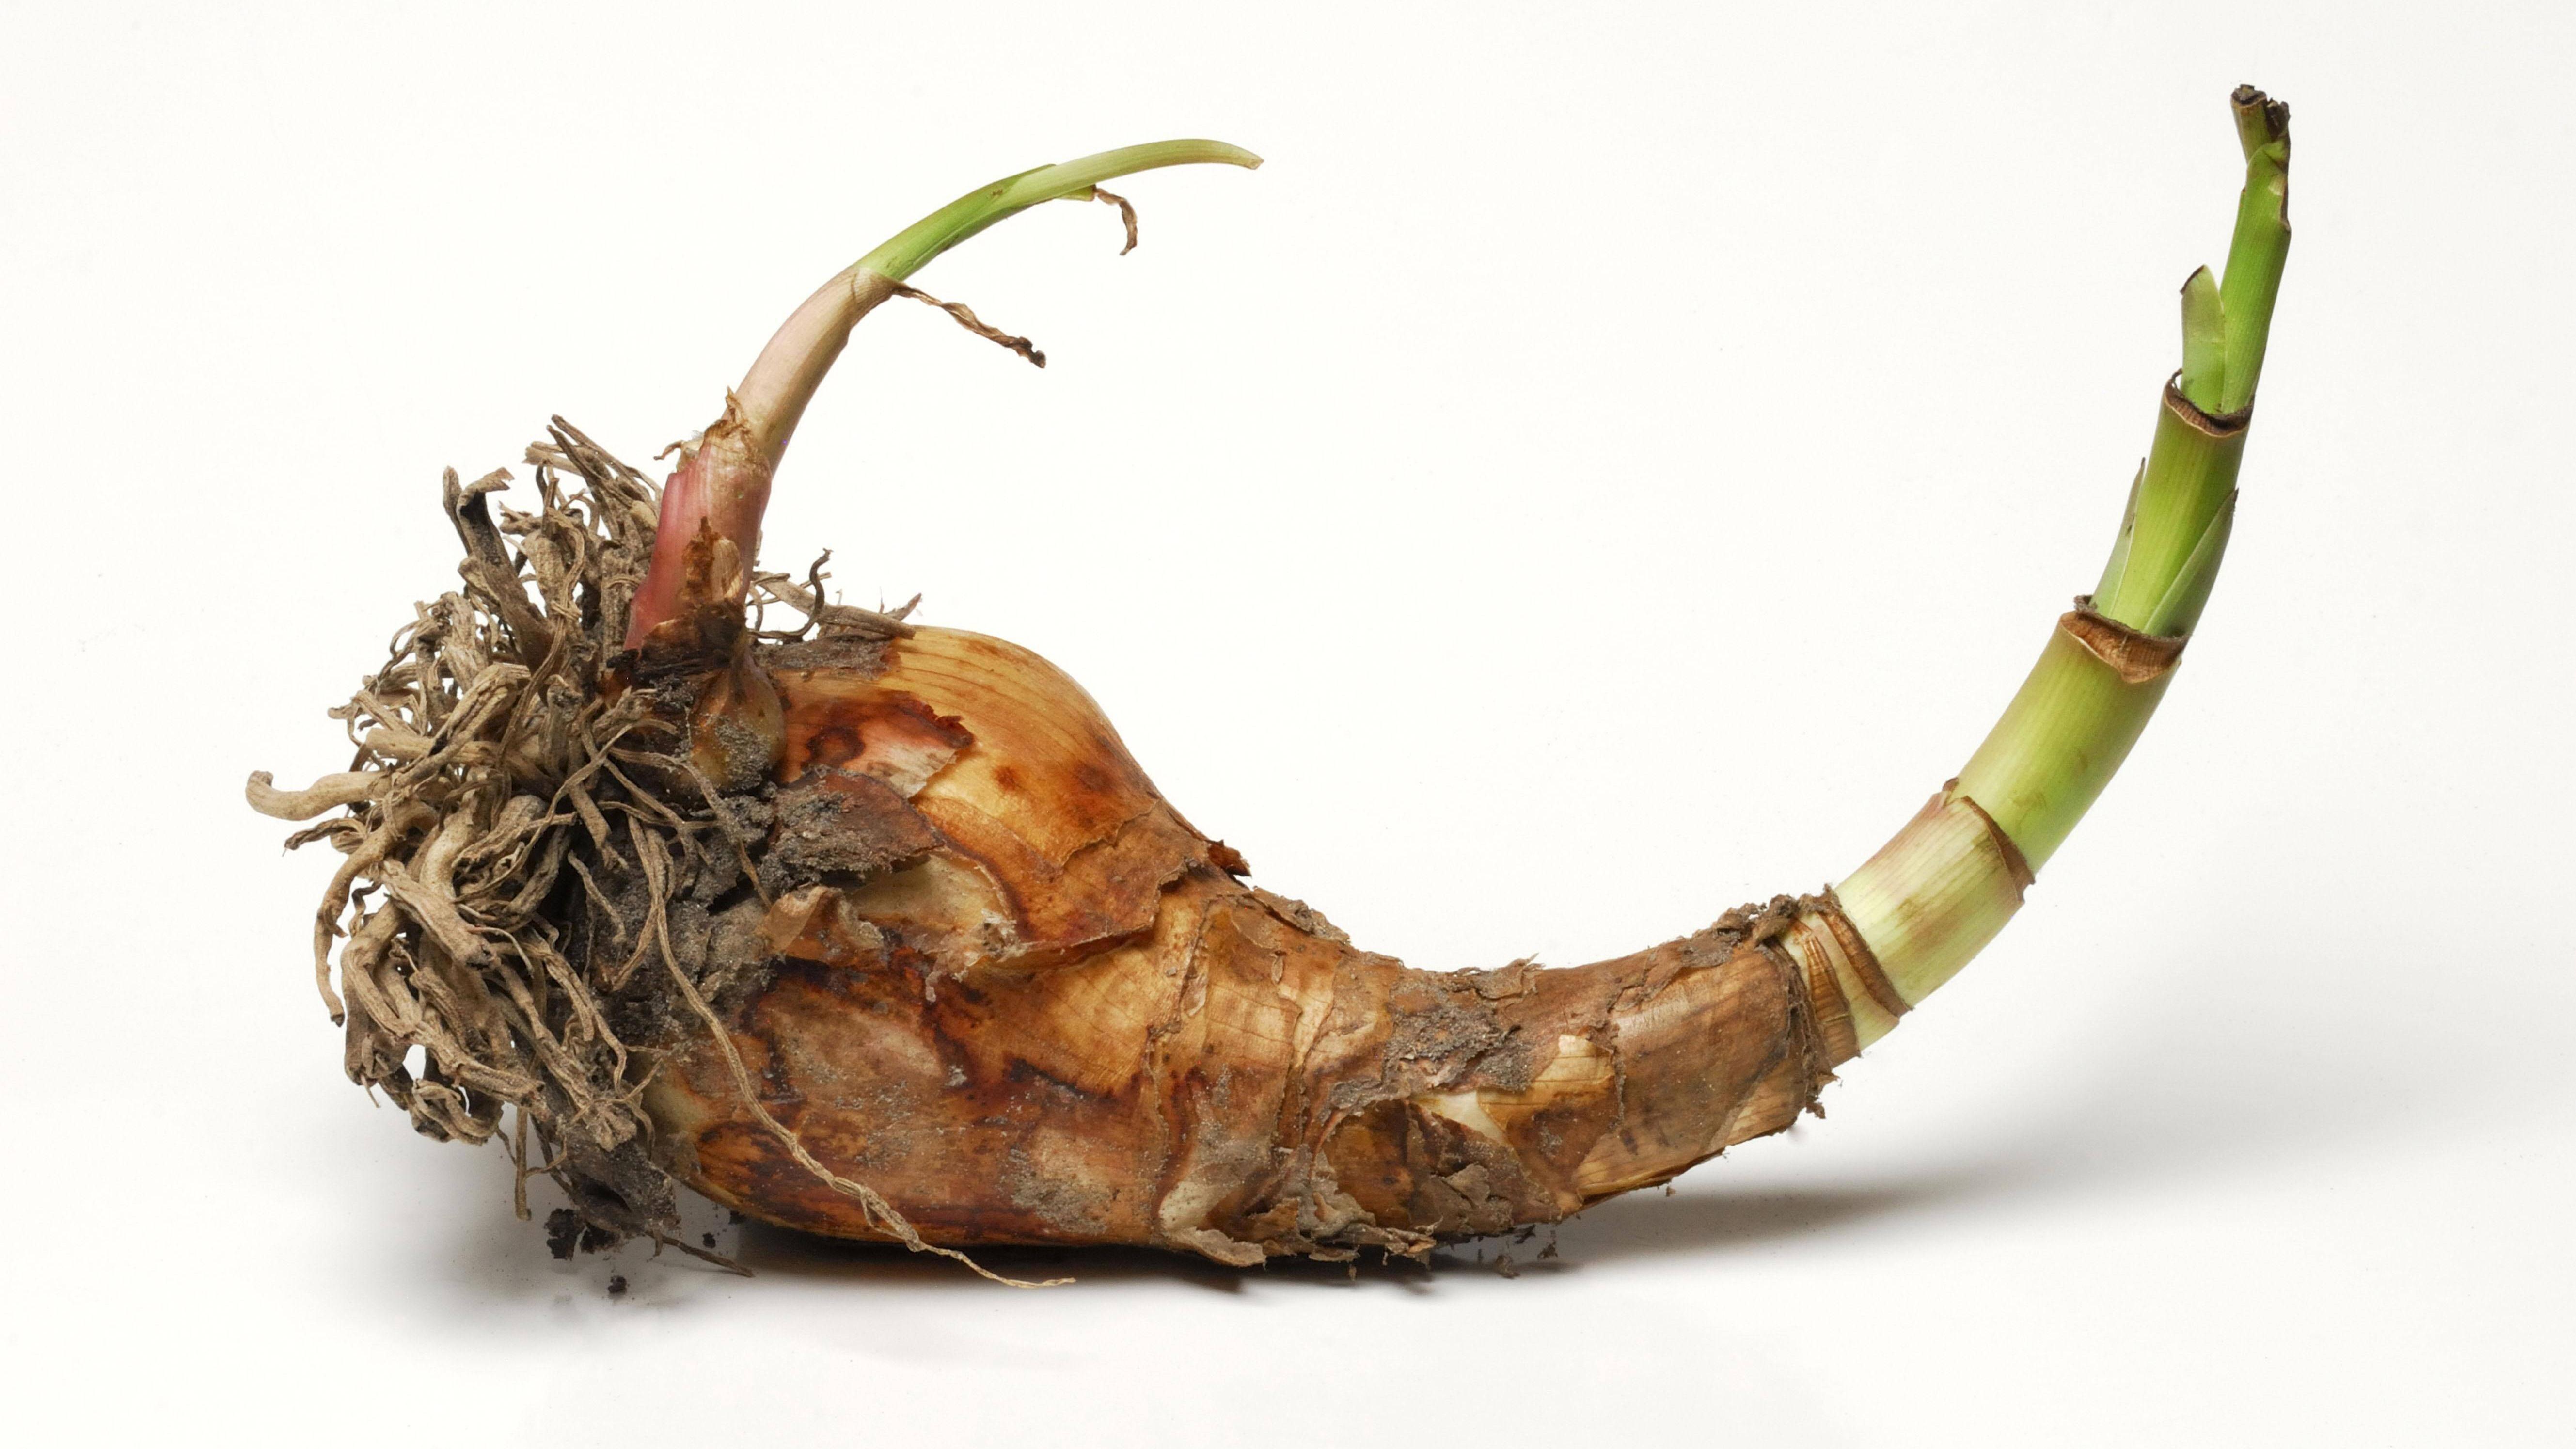 Blumenzwiebeln in Wachs - so machen Sie die Wax-Blumendeko selbst